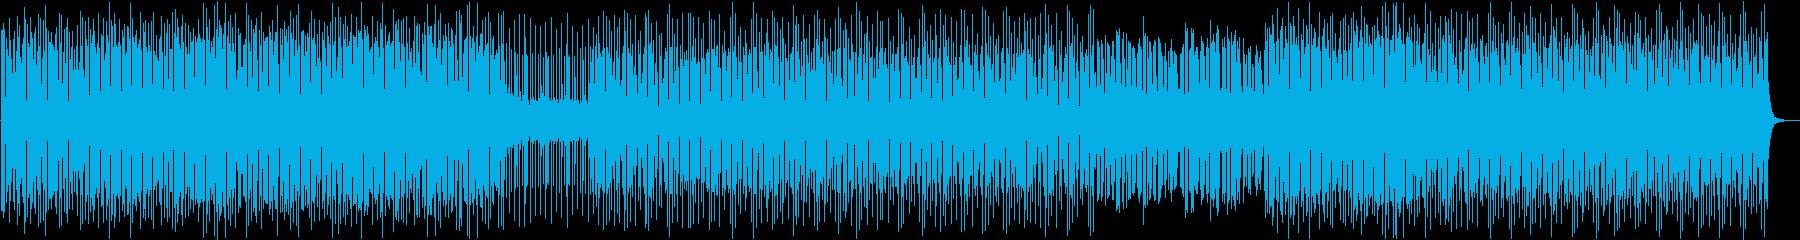 残響を生かした美しいポストロックの再生済みの波形